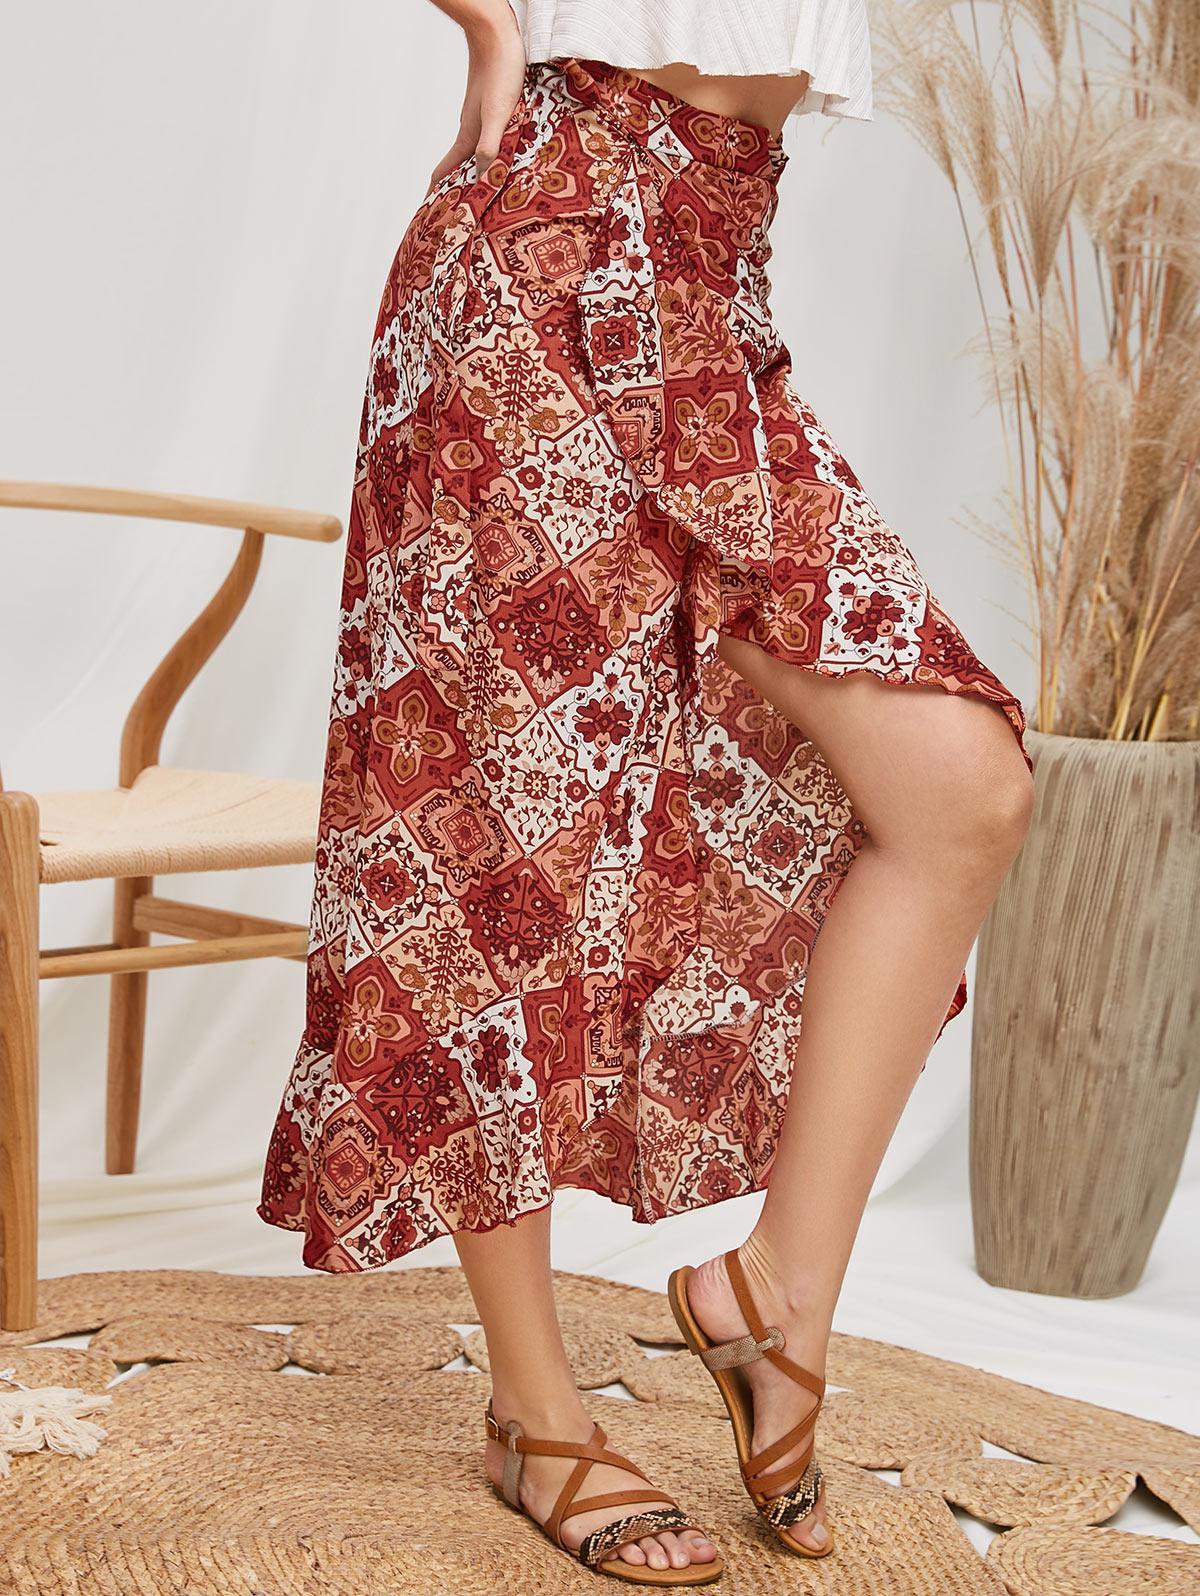 Ruffles Bohemian Printed Wrap Maxi Skirt